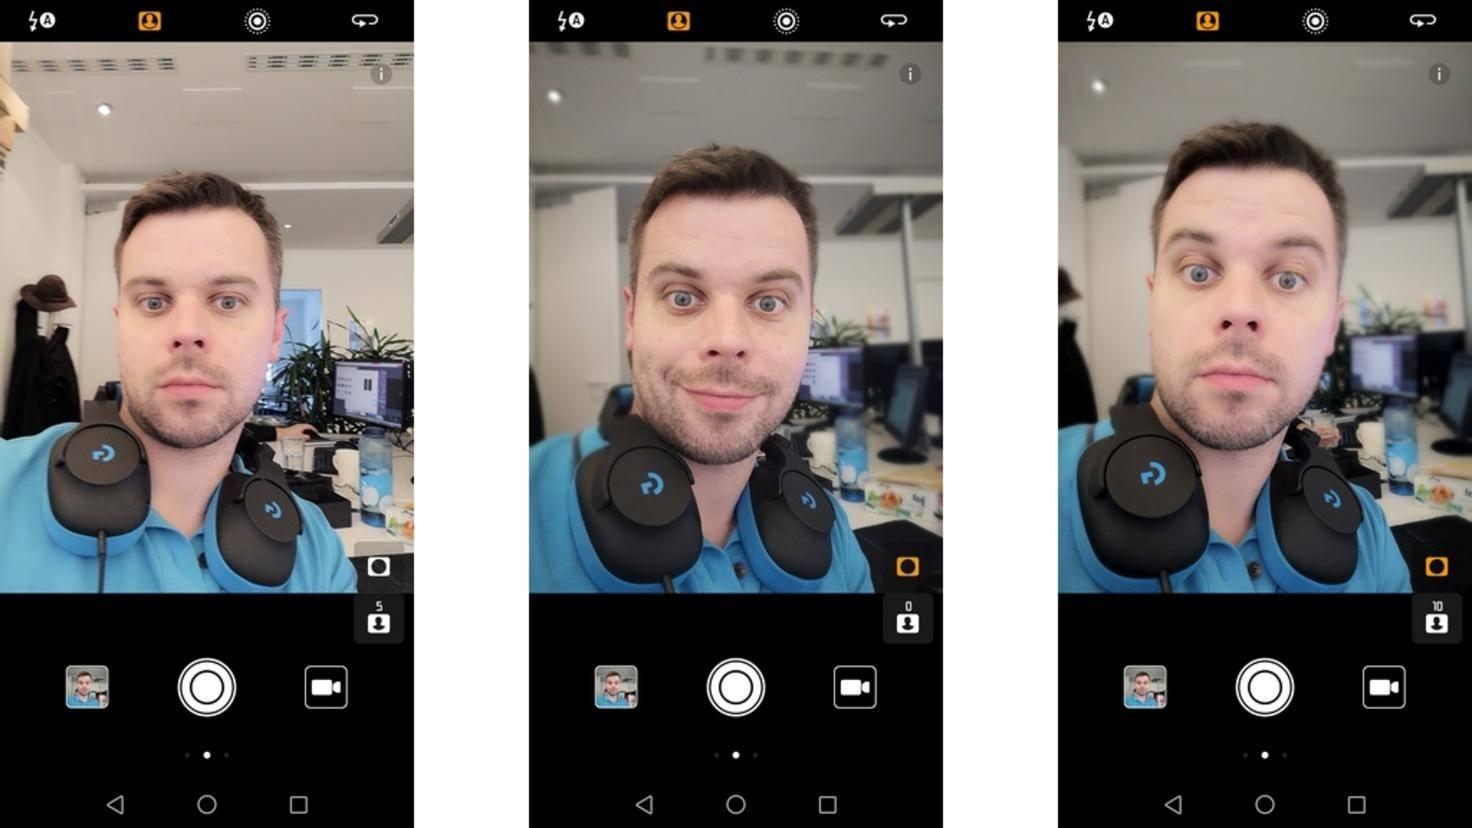 Huawei-Mate-10-Pro-Screen-07